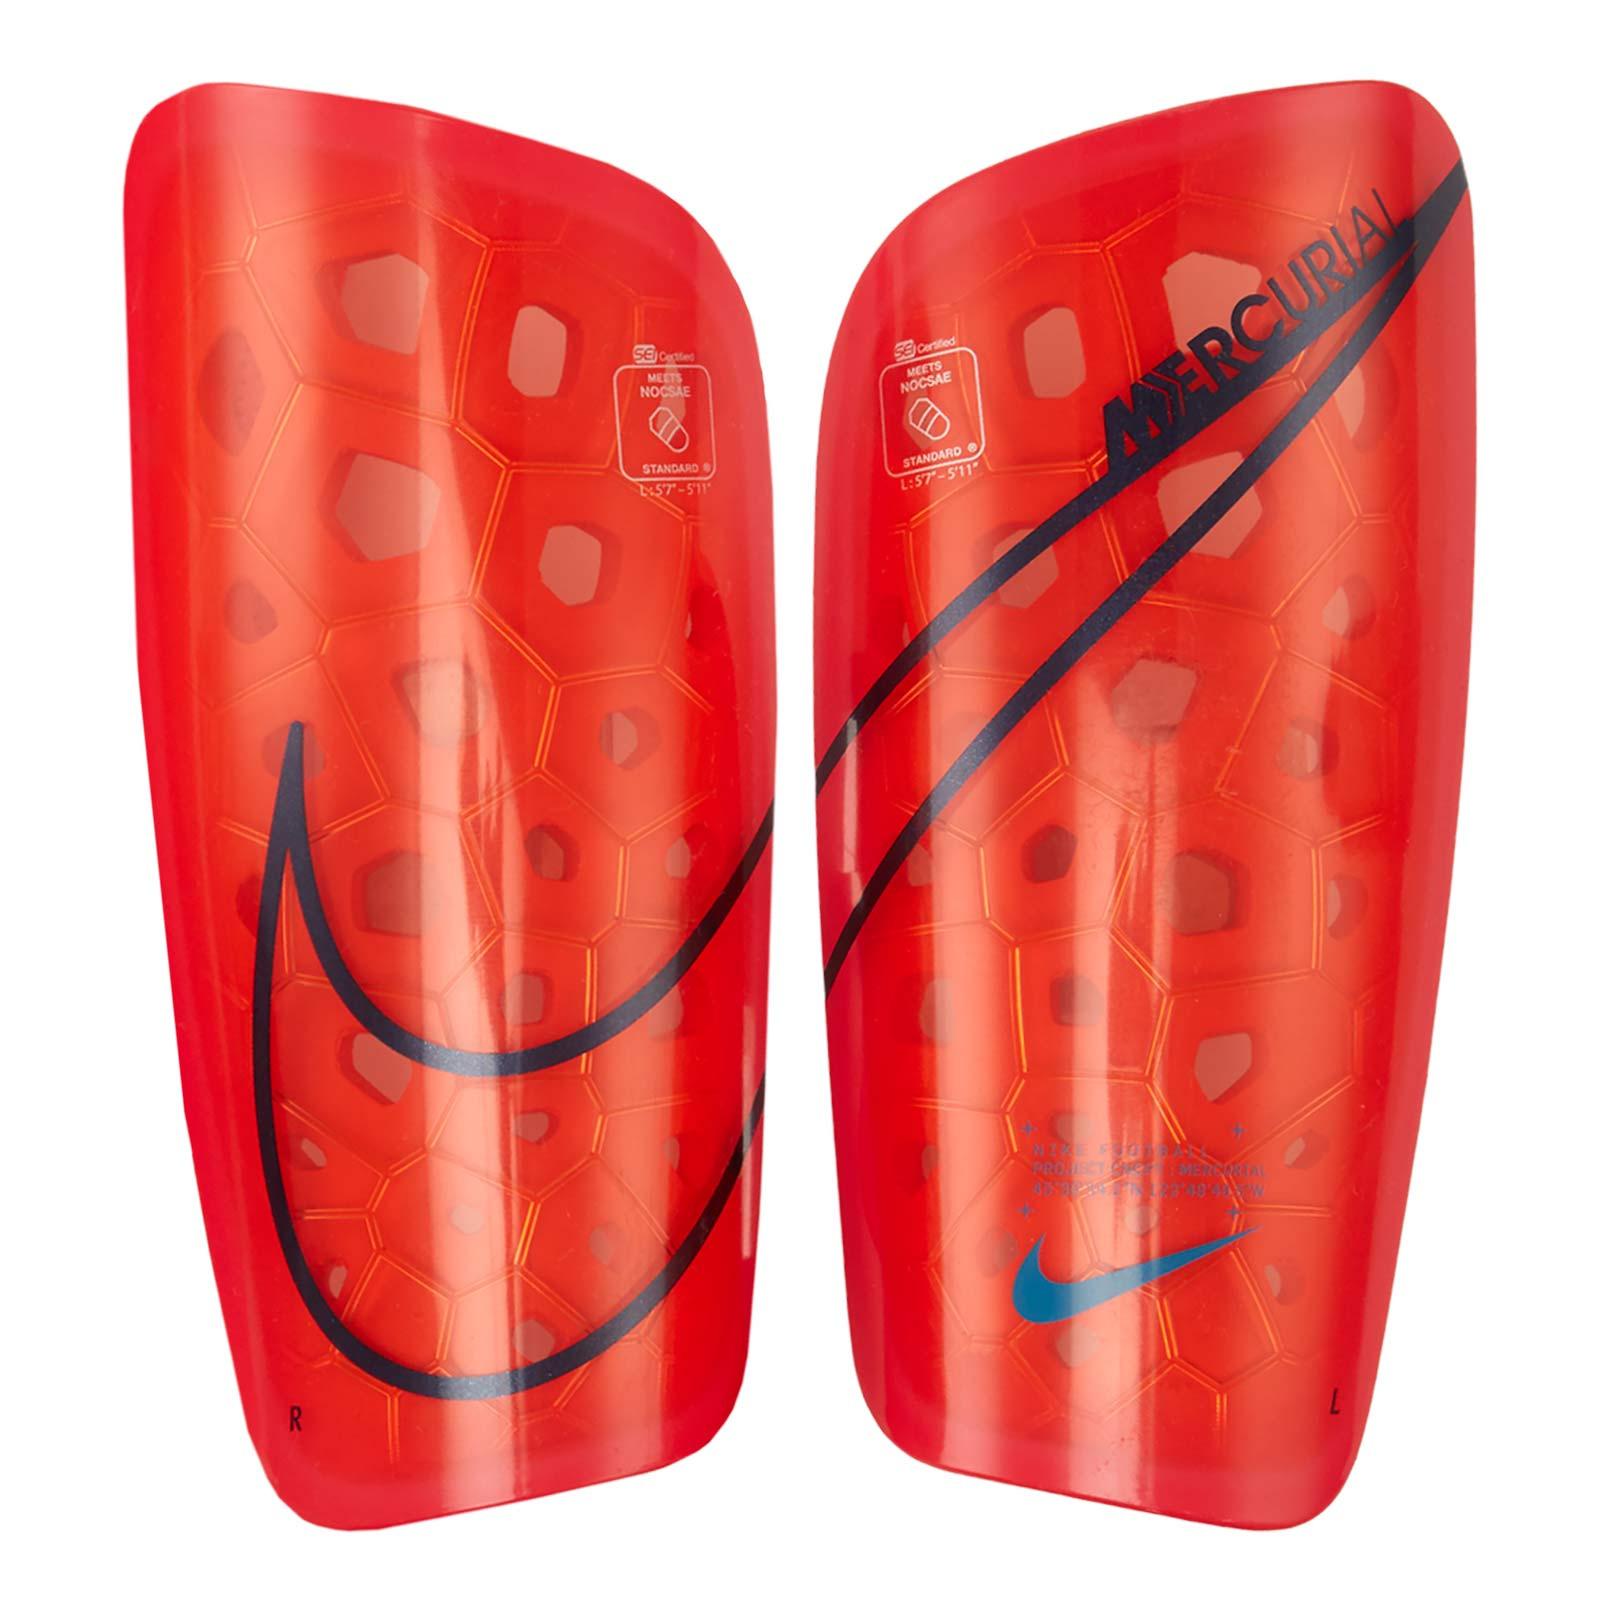 Farmacología habla desagüe  Espinilleras Nike Mercurial Lite rosas   futbolmania